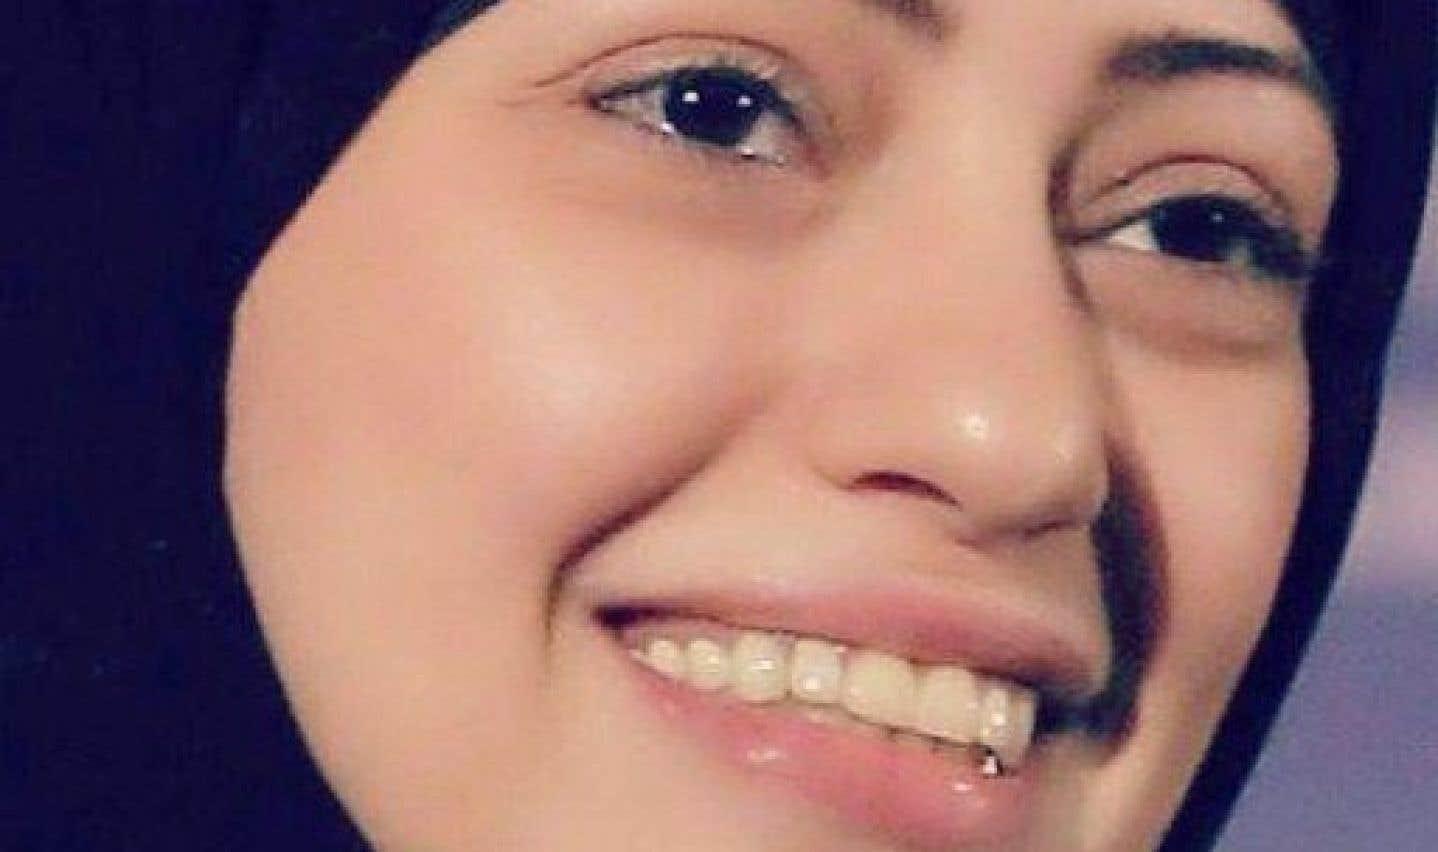 La soeur de Raïf Badawi interrogée par la police